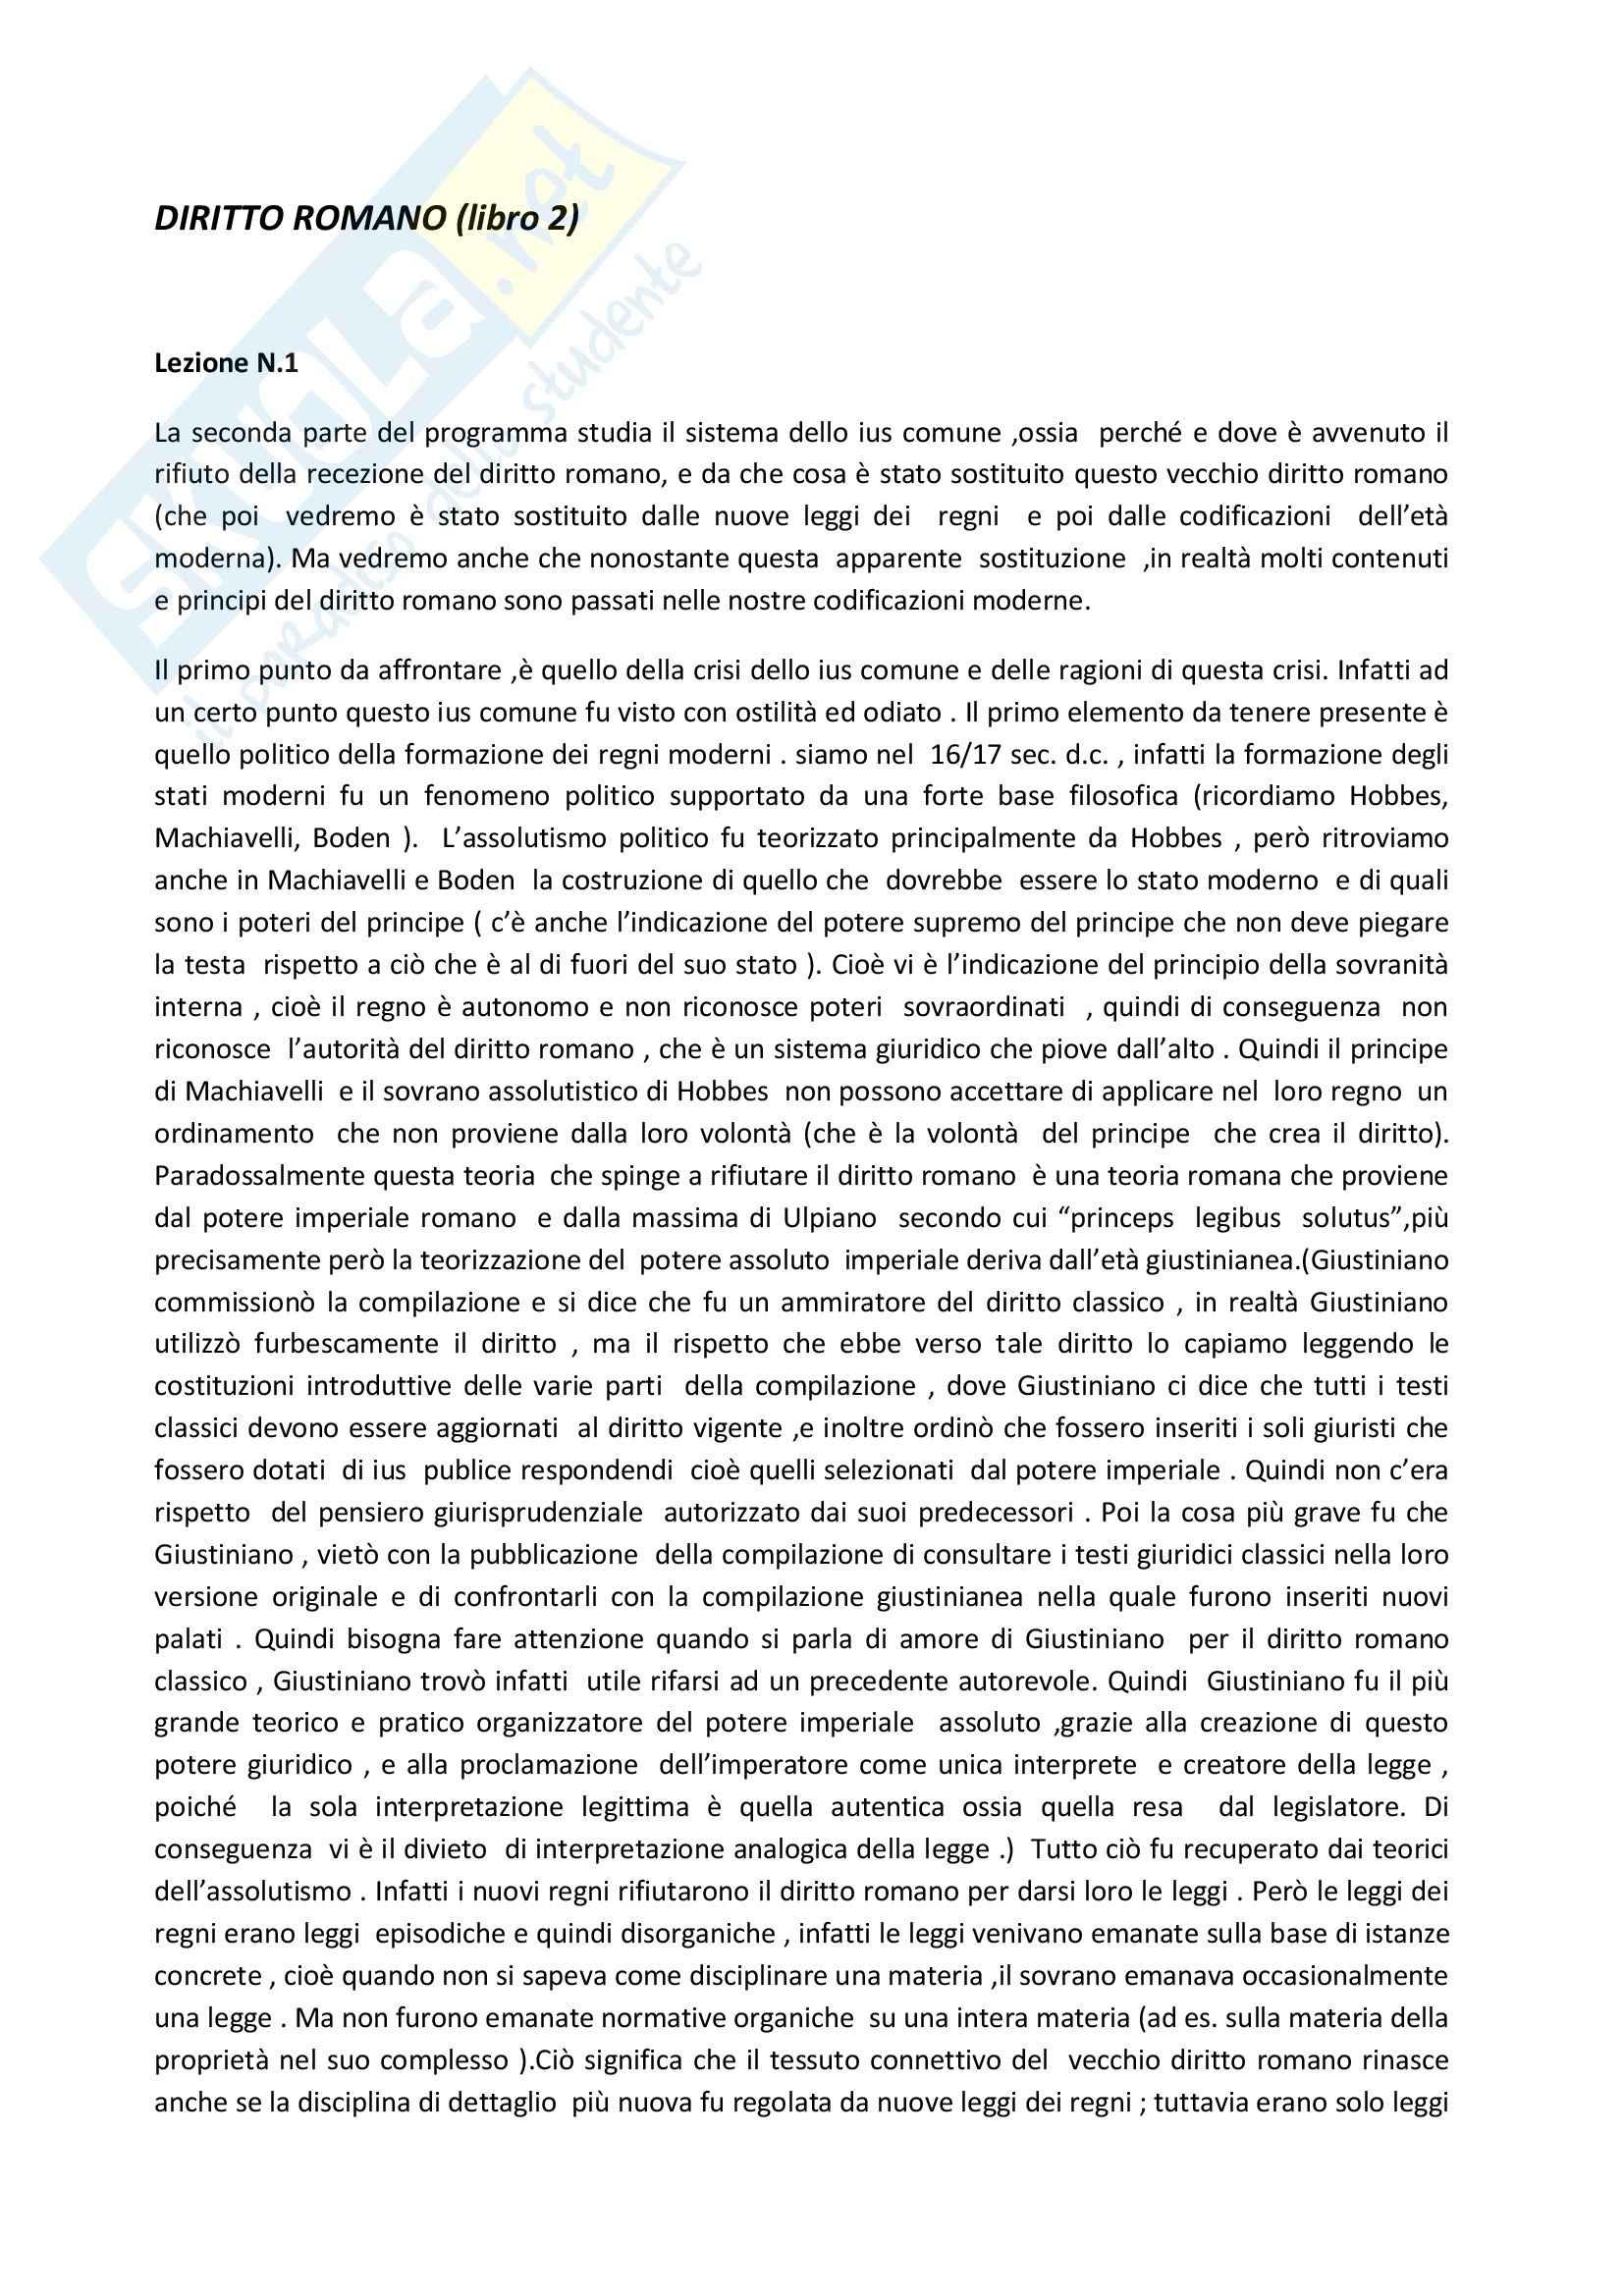 Diritto romano, Solidoro - Appunti